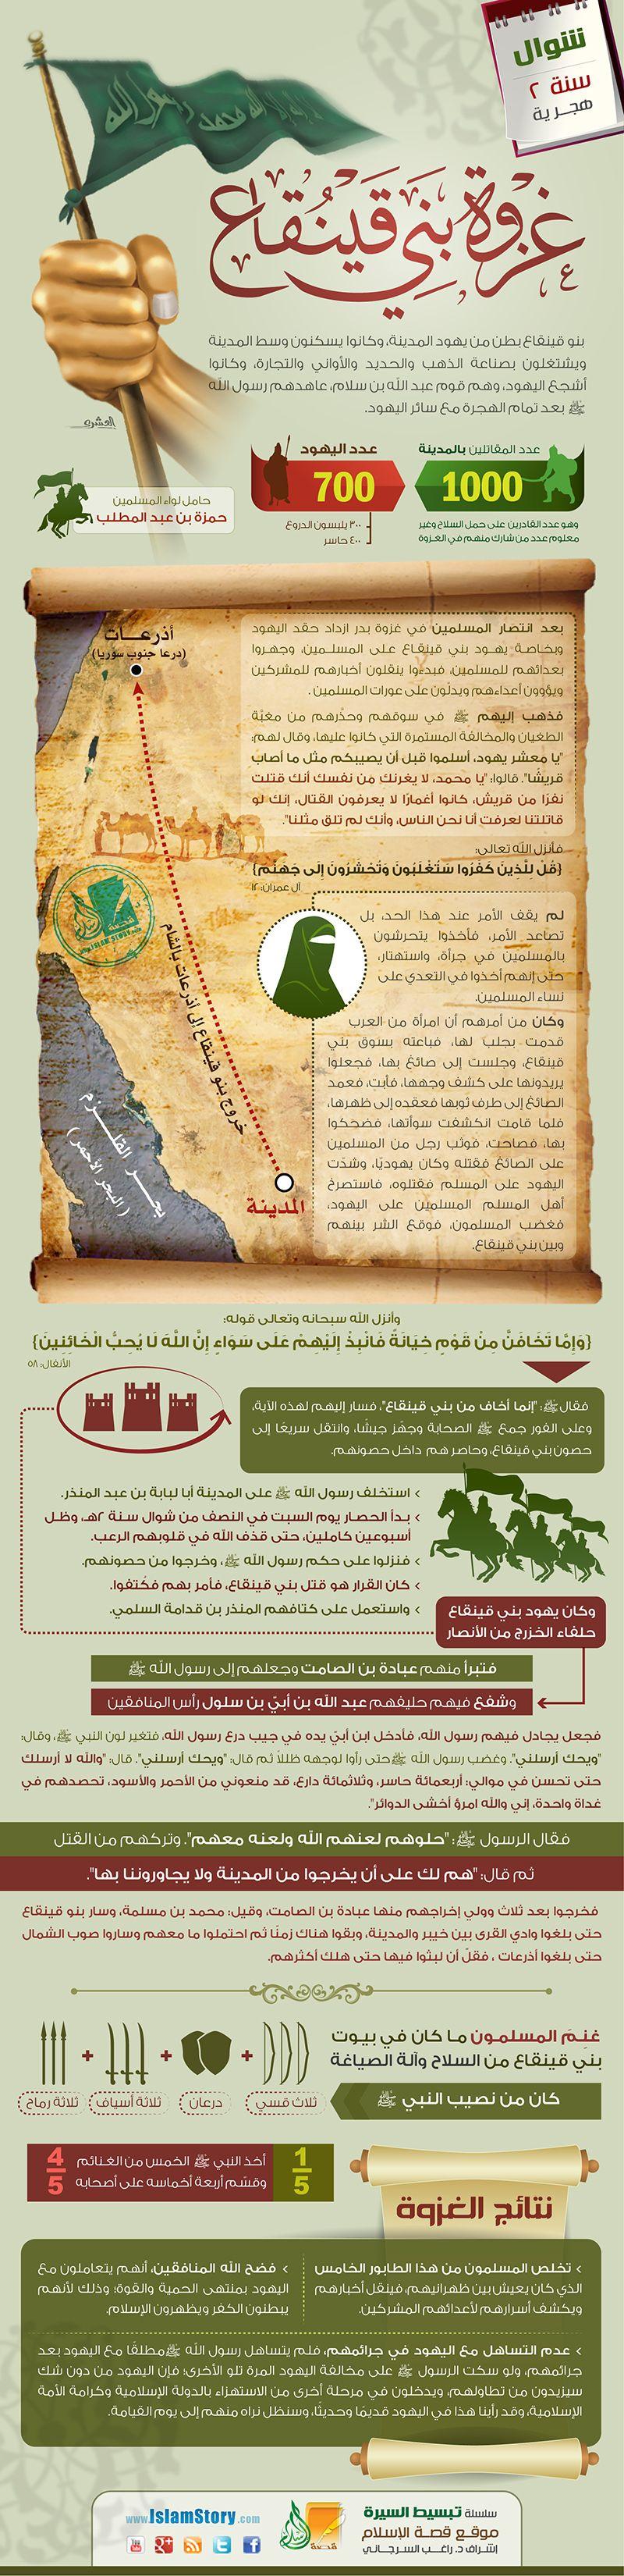 إنفوجرافيك غزوة خيبر غزوات الرسول موقع قصة الإسلام إشراف د راغب السرجاني Islam Facts Islam Beliefs Learn Islam